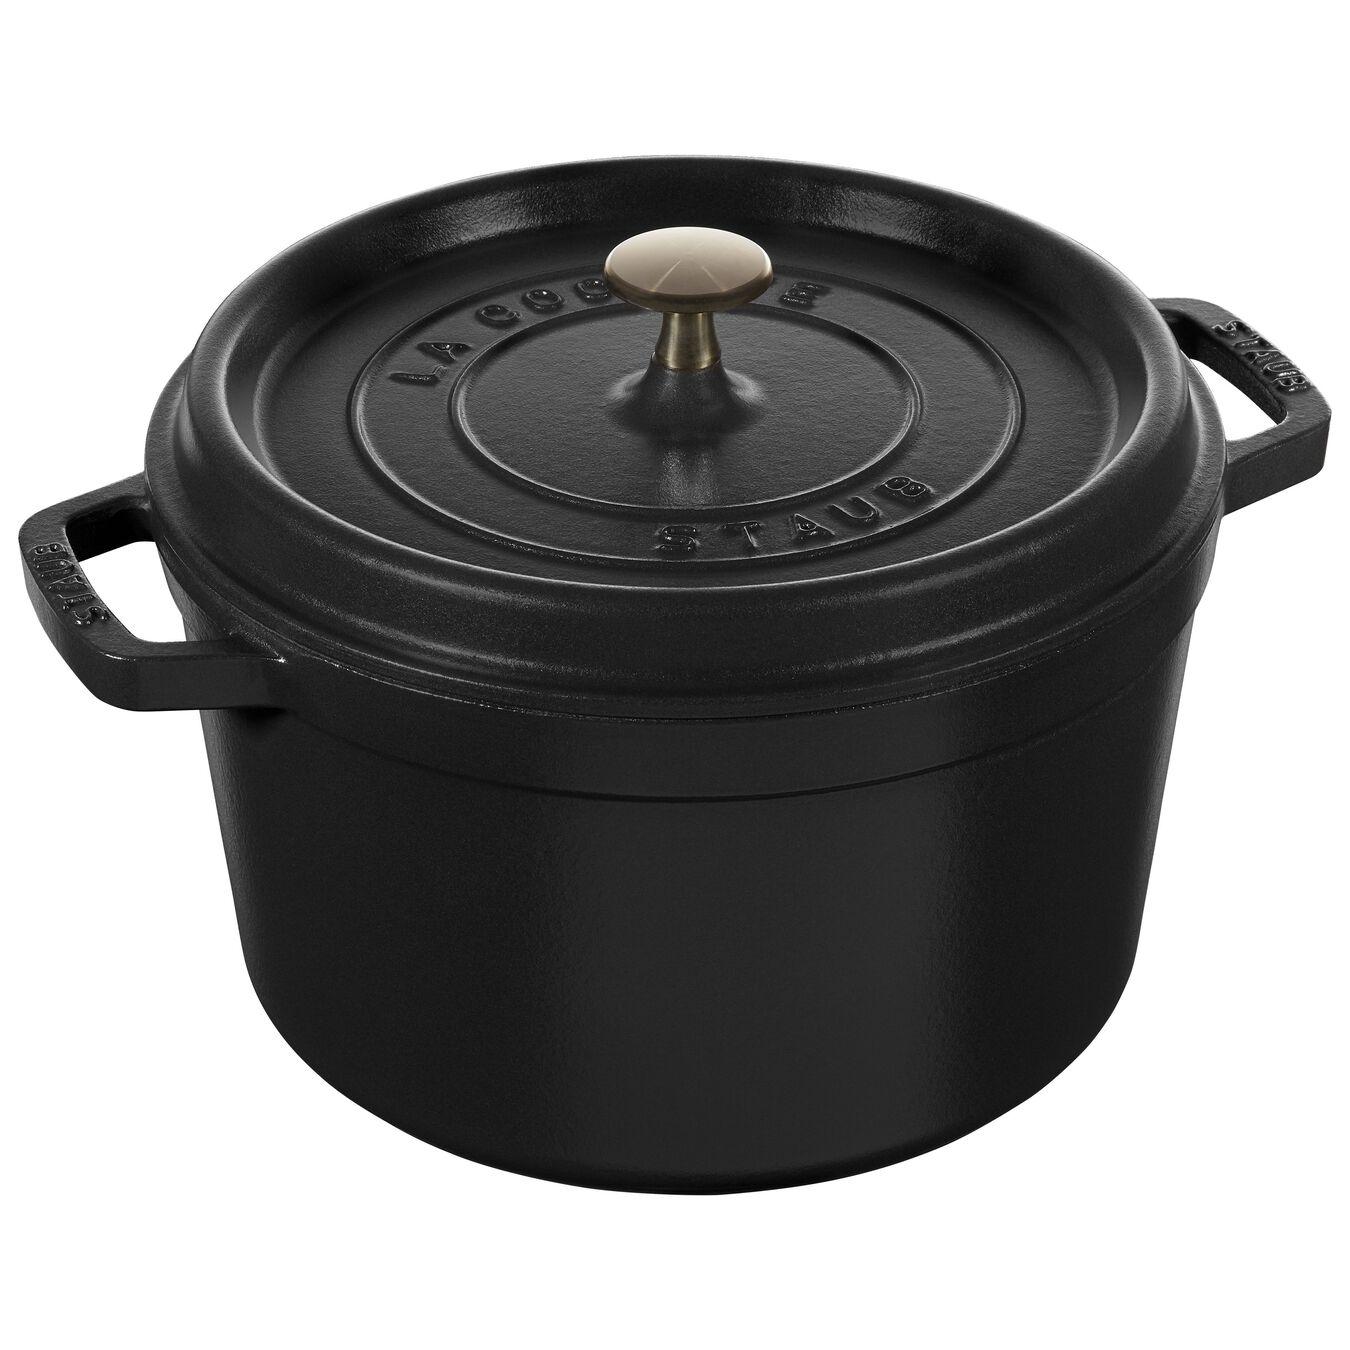 Cocotte 24 cm, Rond(e), Noir, Fonte,,large 1